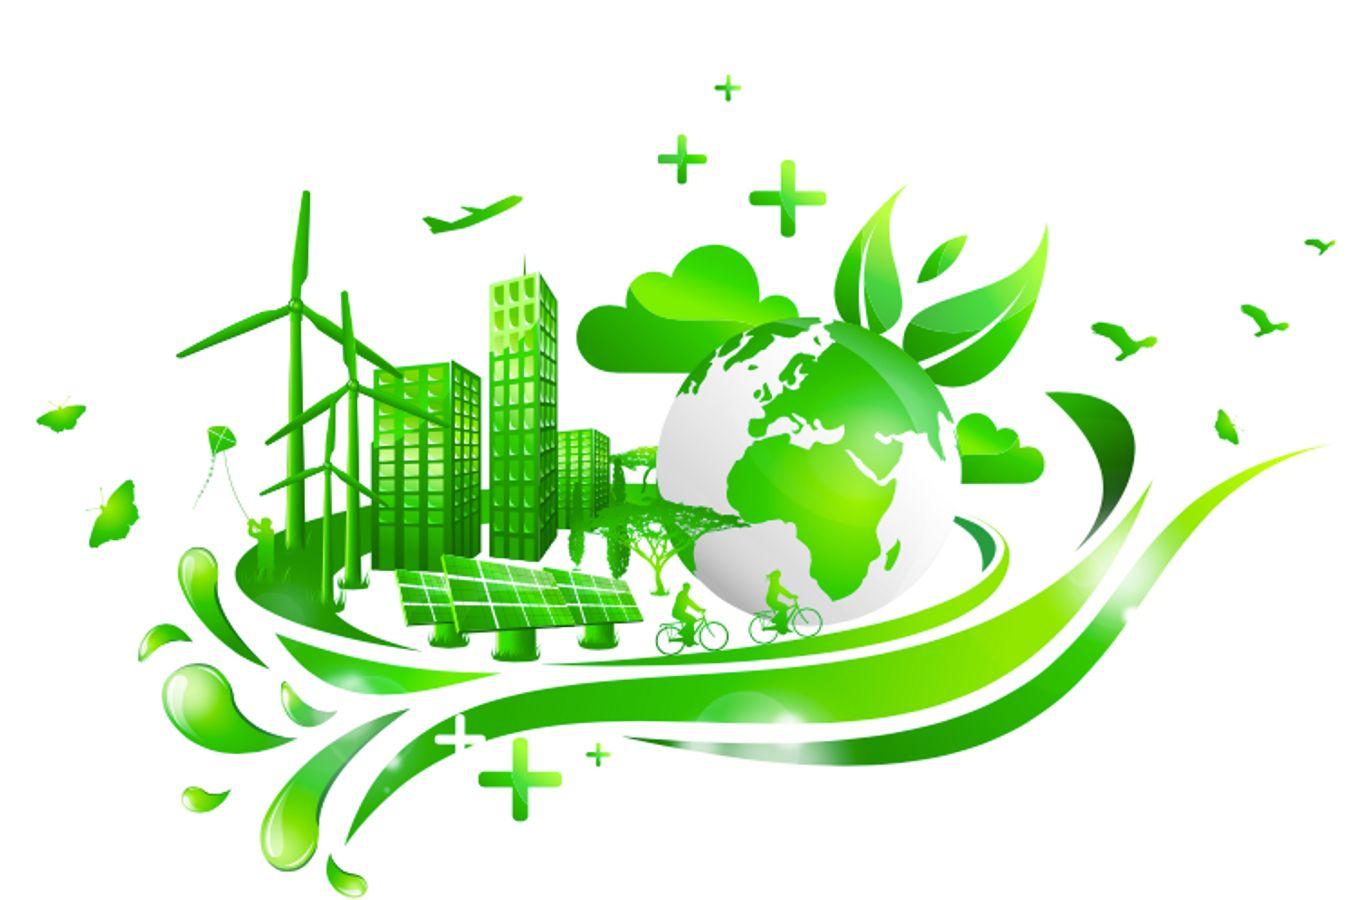 Portage politique et transition écologique, à vous de jouer!